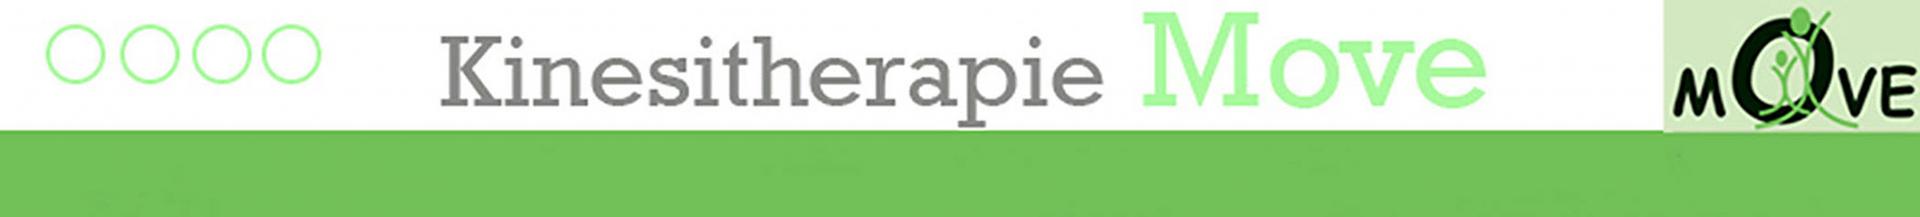 kinesitherapiemove